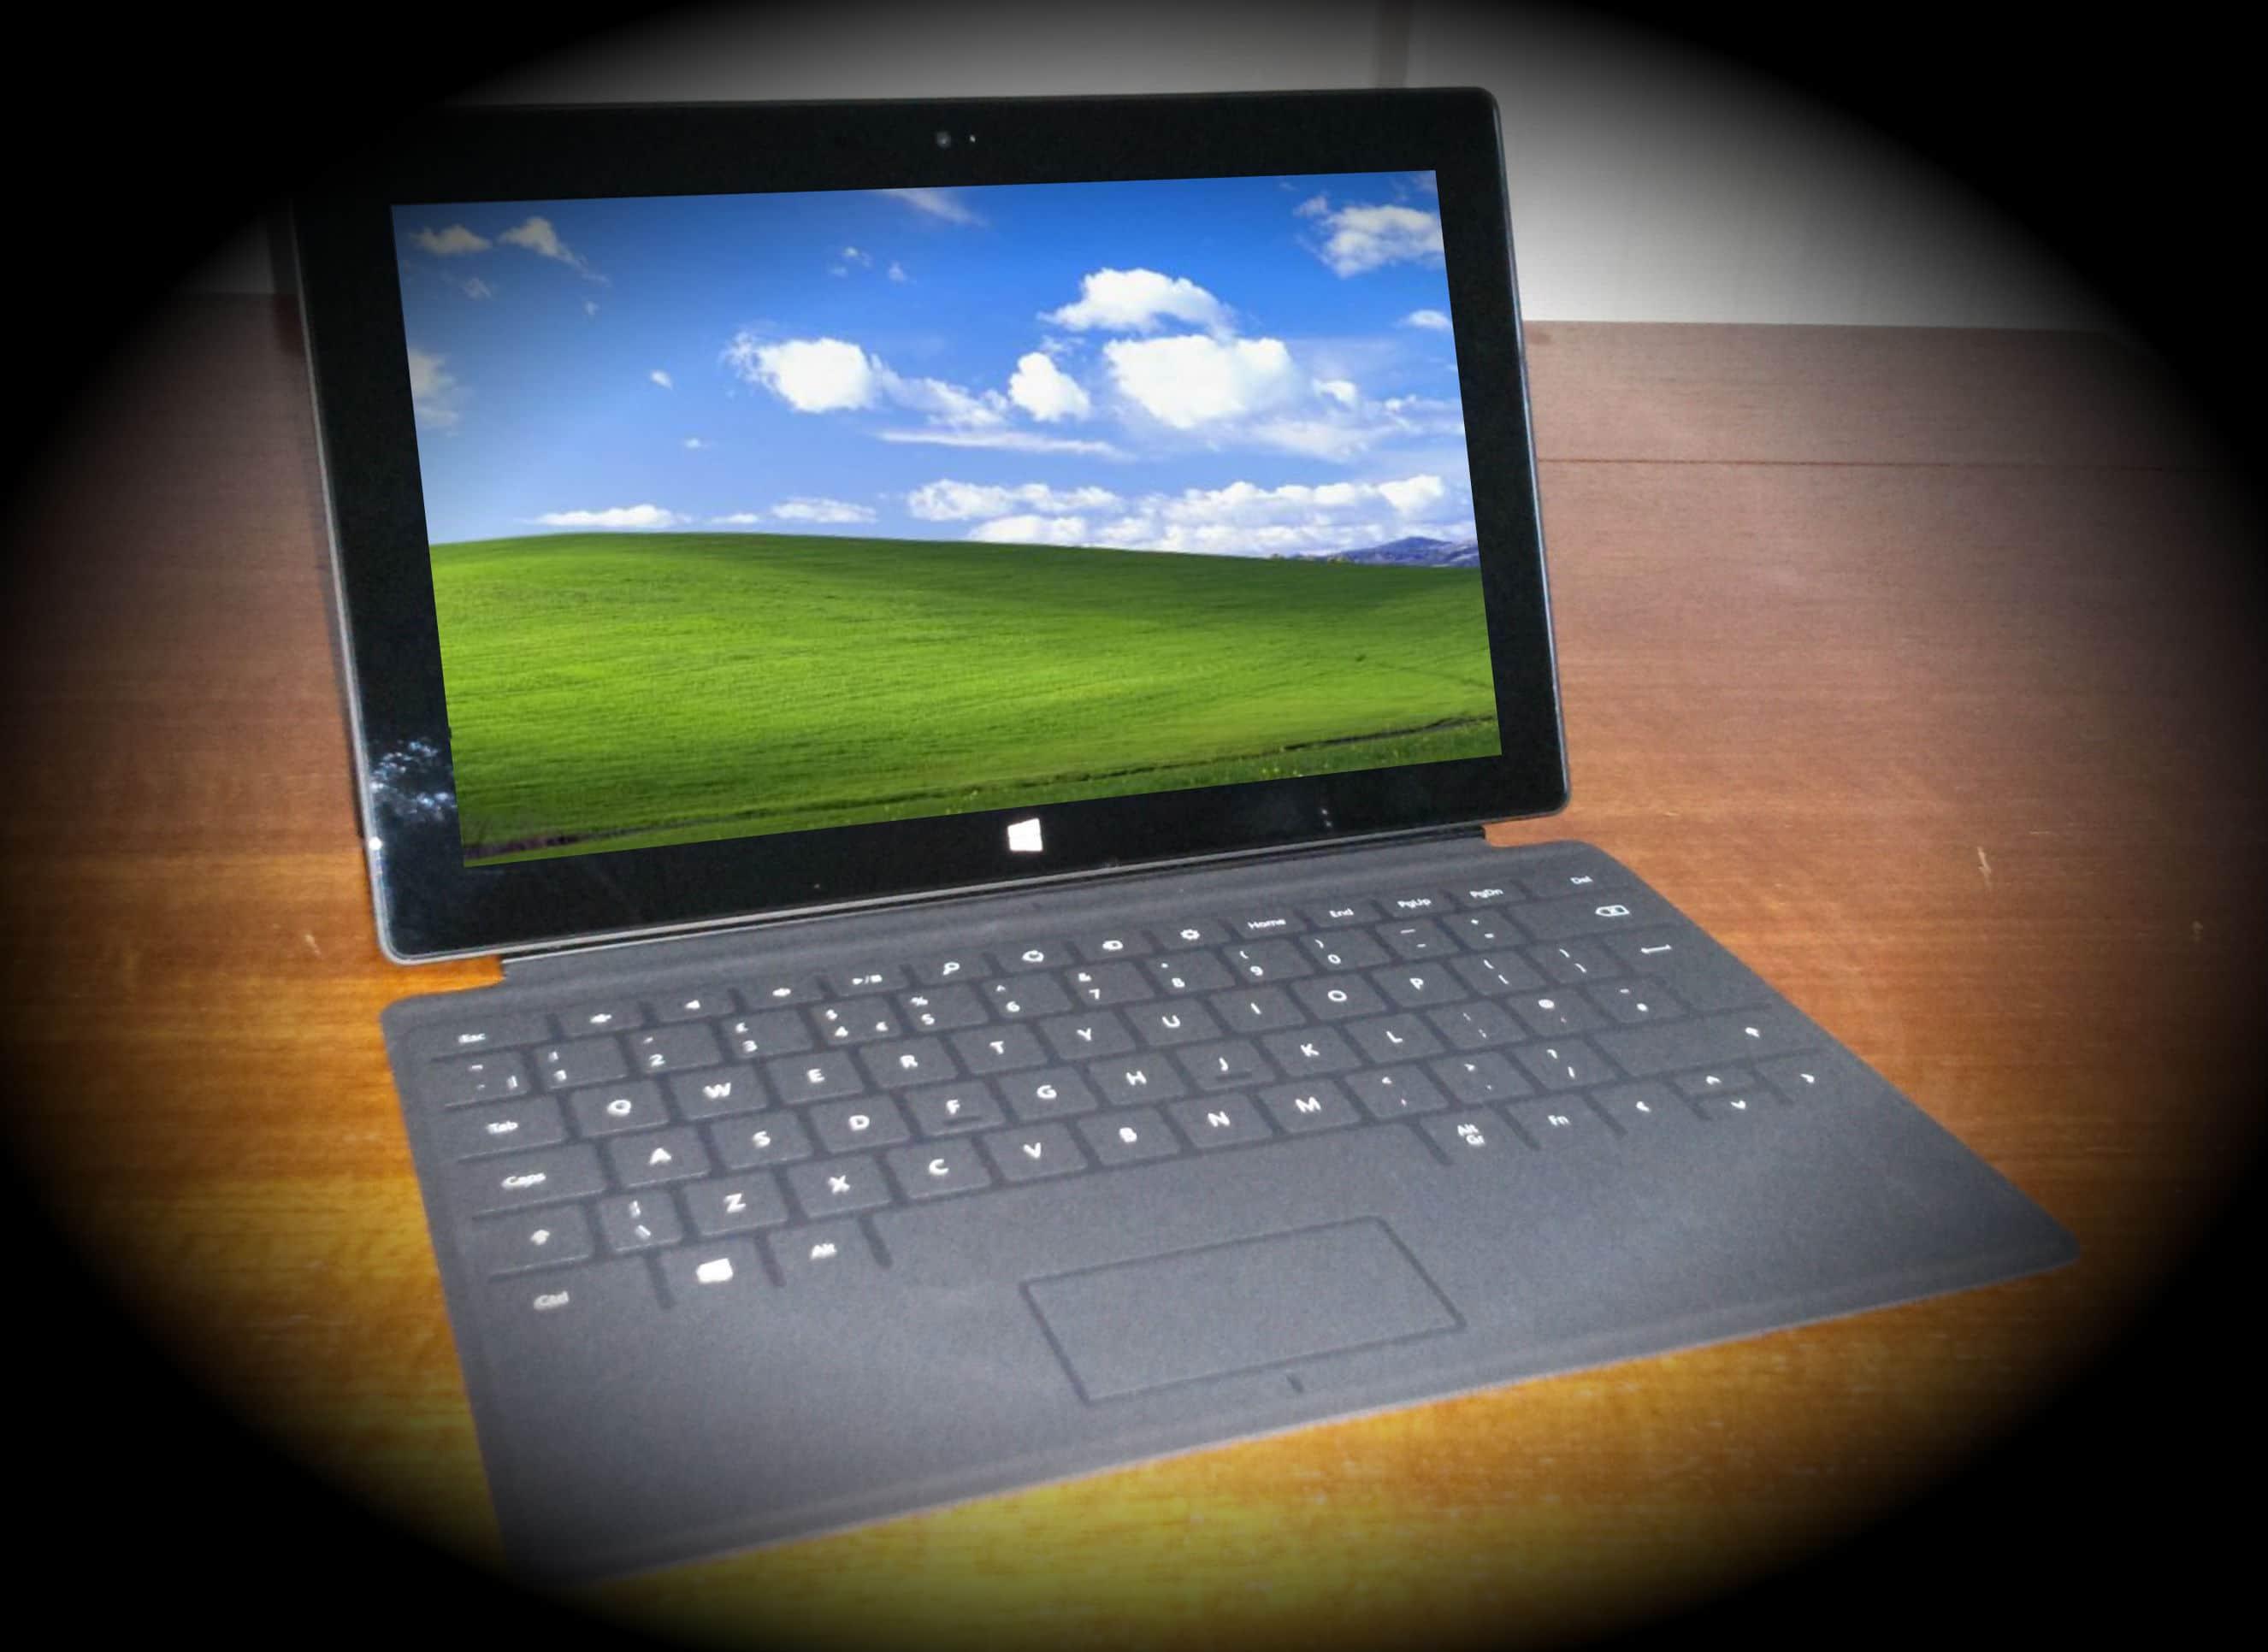 Mises à jour Windows 8.1 : Microsoft ressuscite Windows XP ?